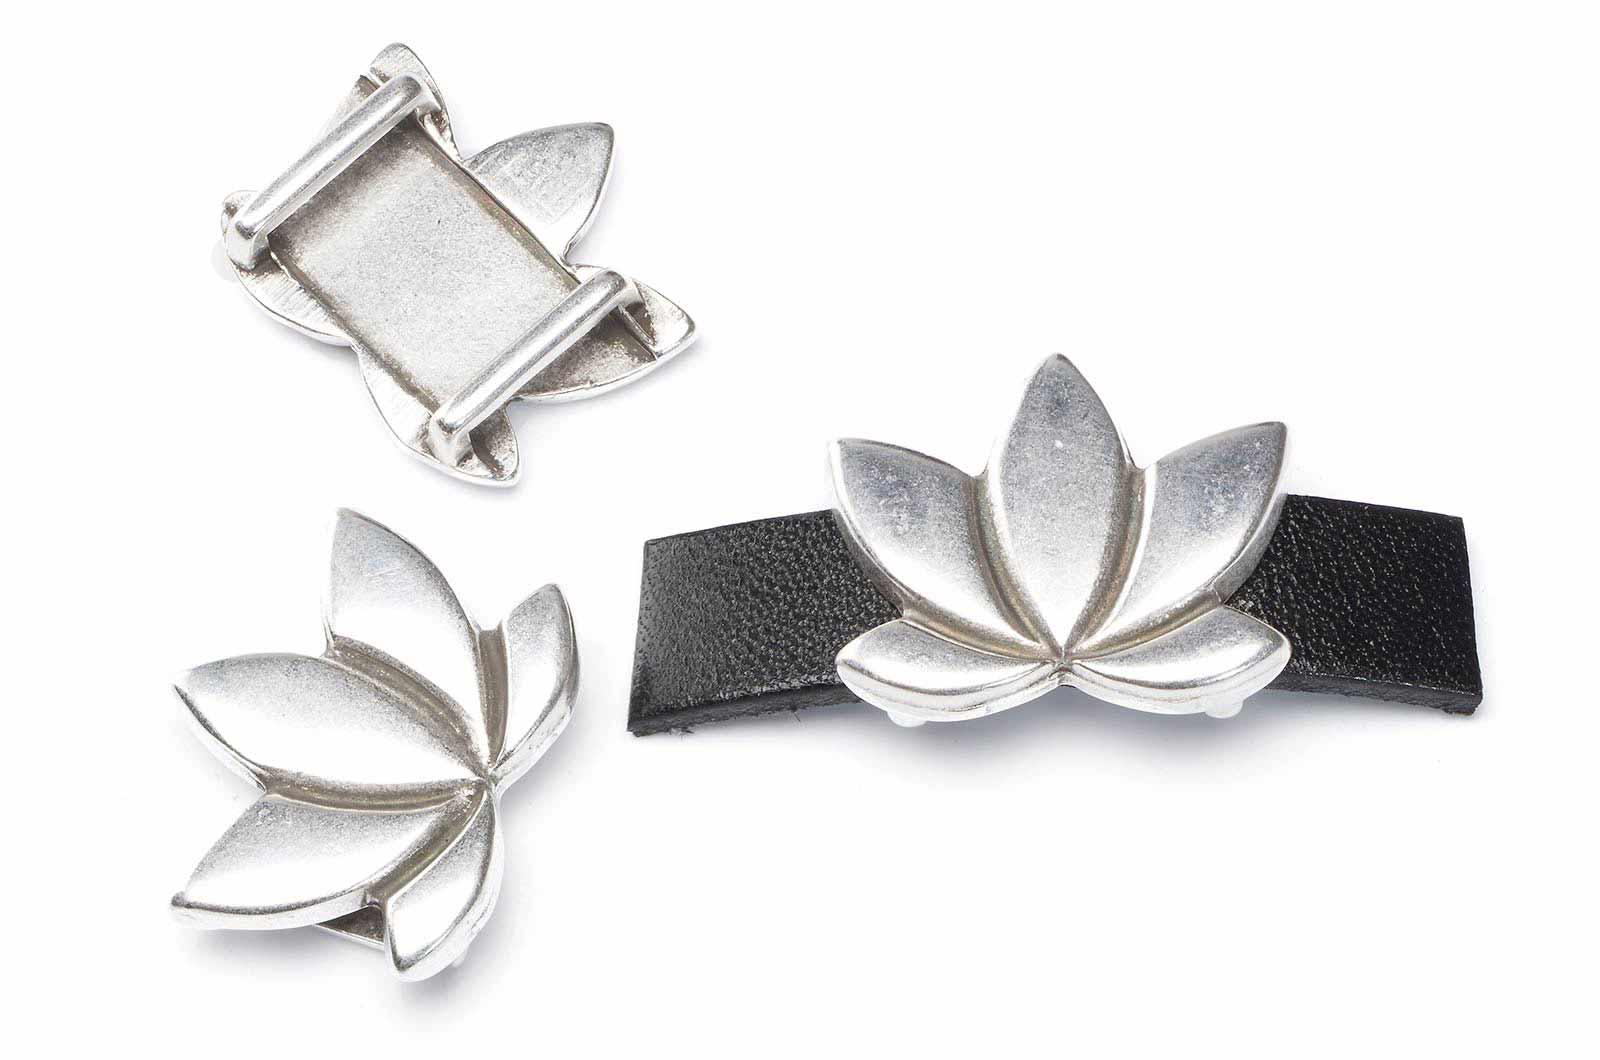 passant fleur de lotus pour lanière 10mm 23x20mm x1pce